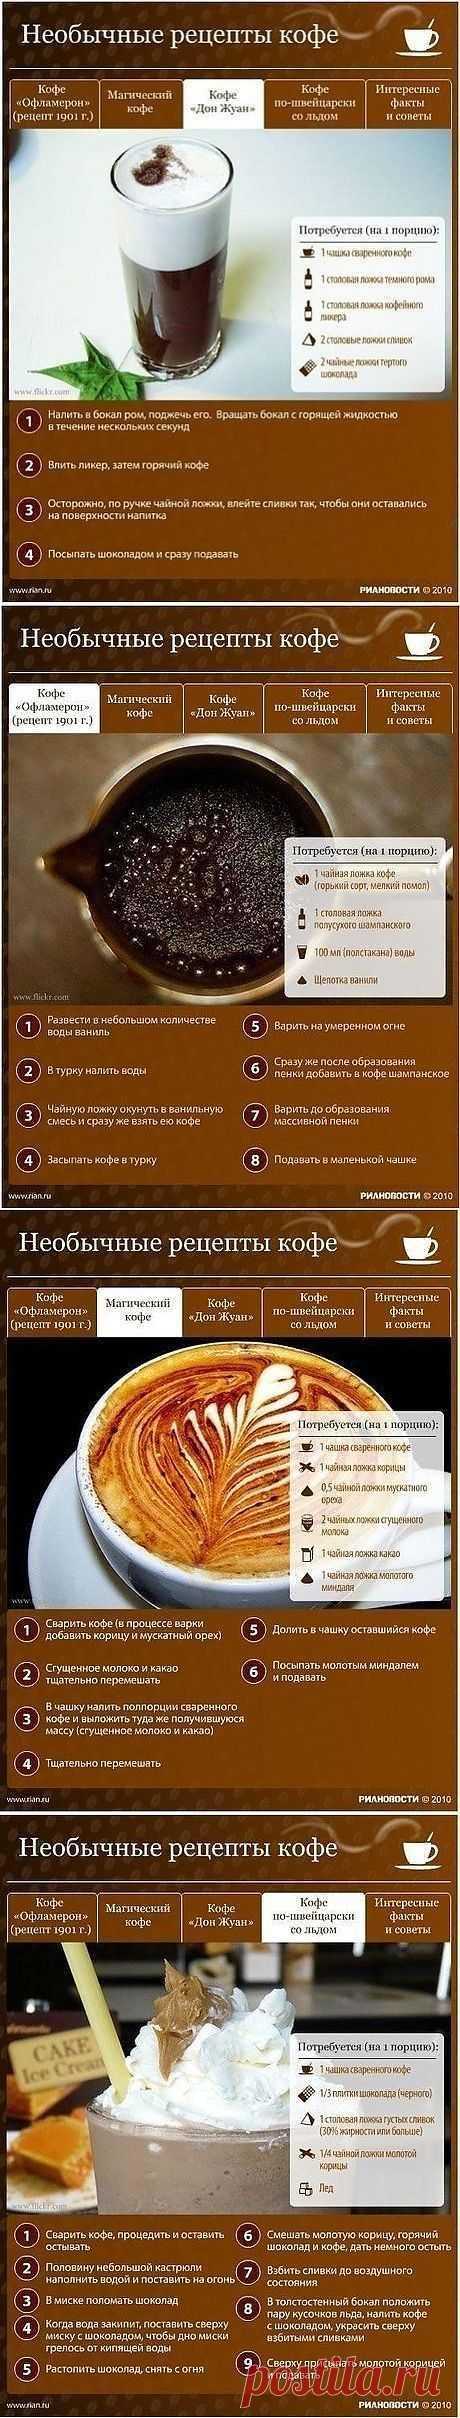 Интересные рецепты кофе.